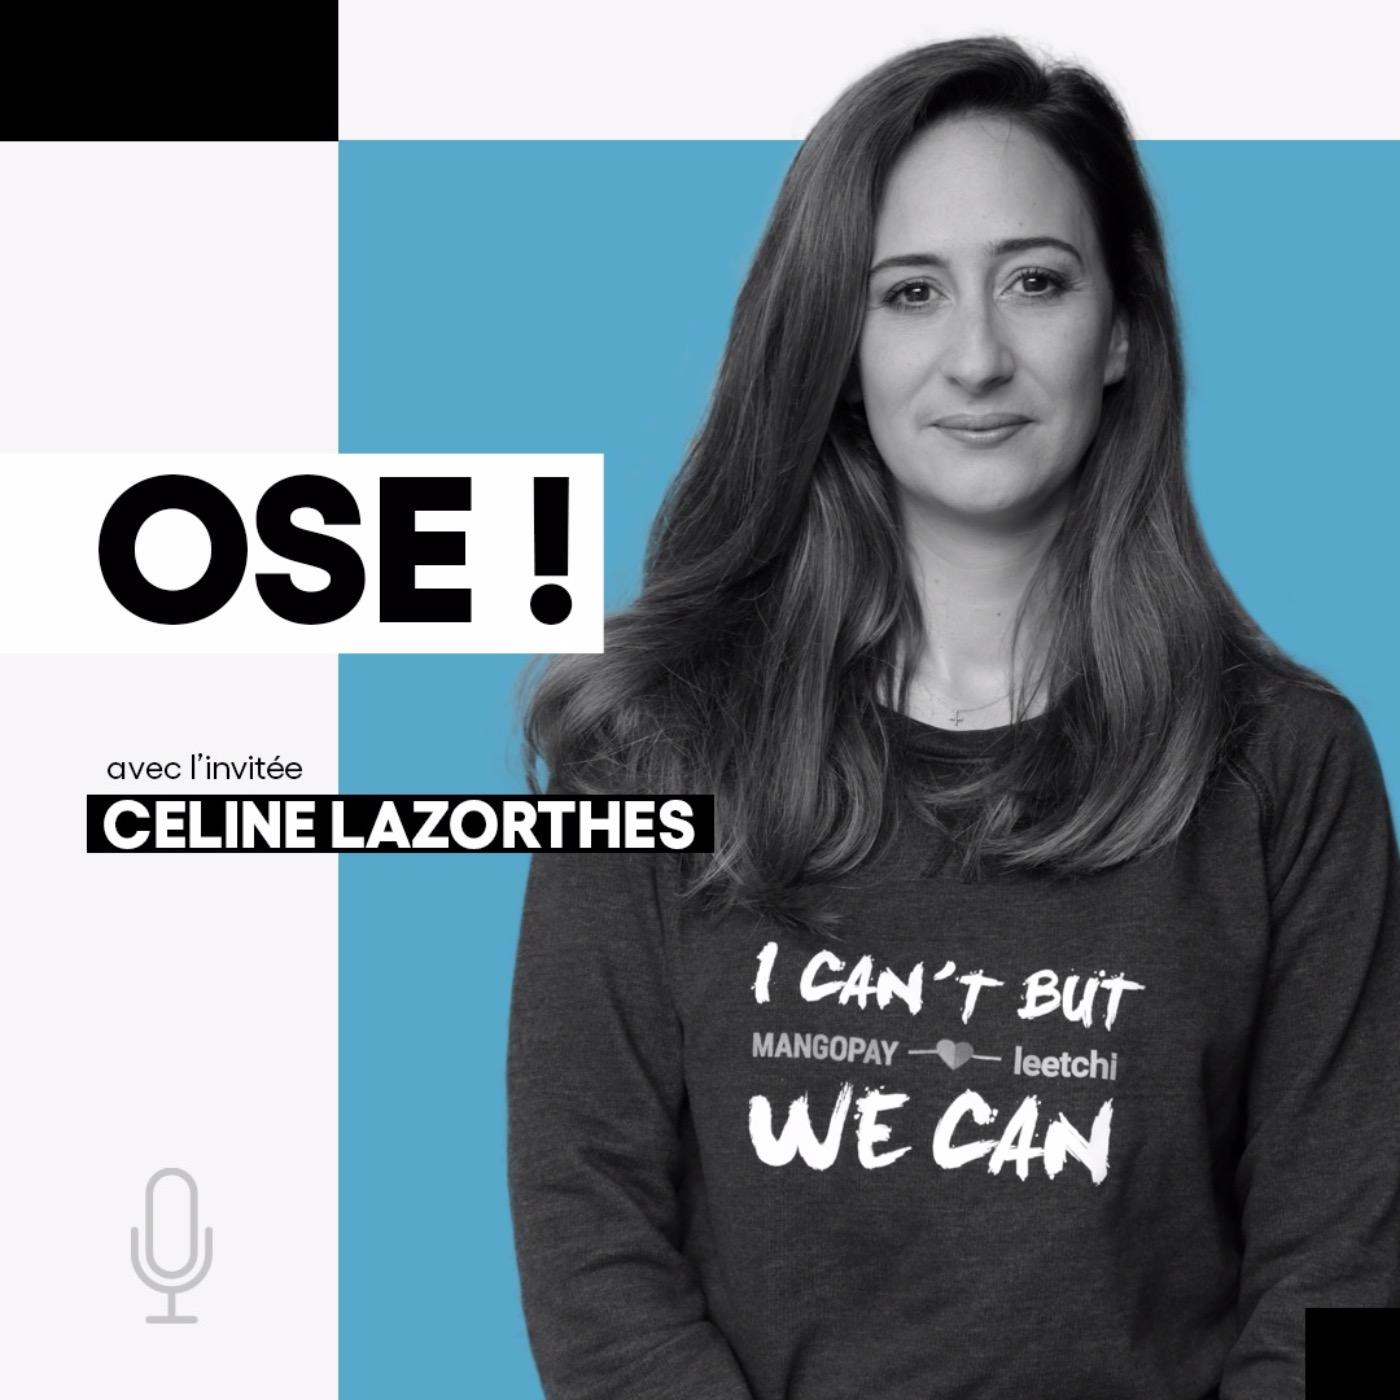 Céline Lazorthes, Entrepreneure, Fondatrice de leetchi.com & Mangopay